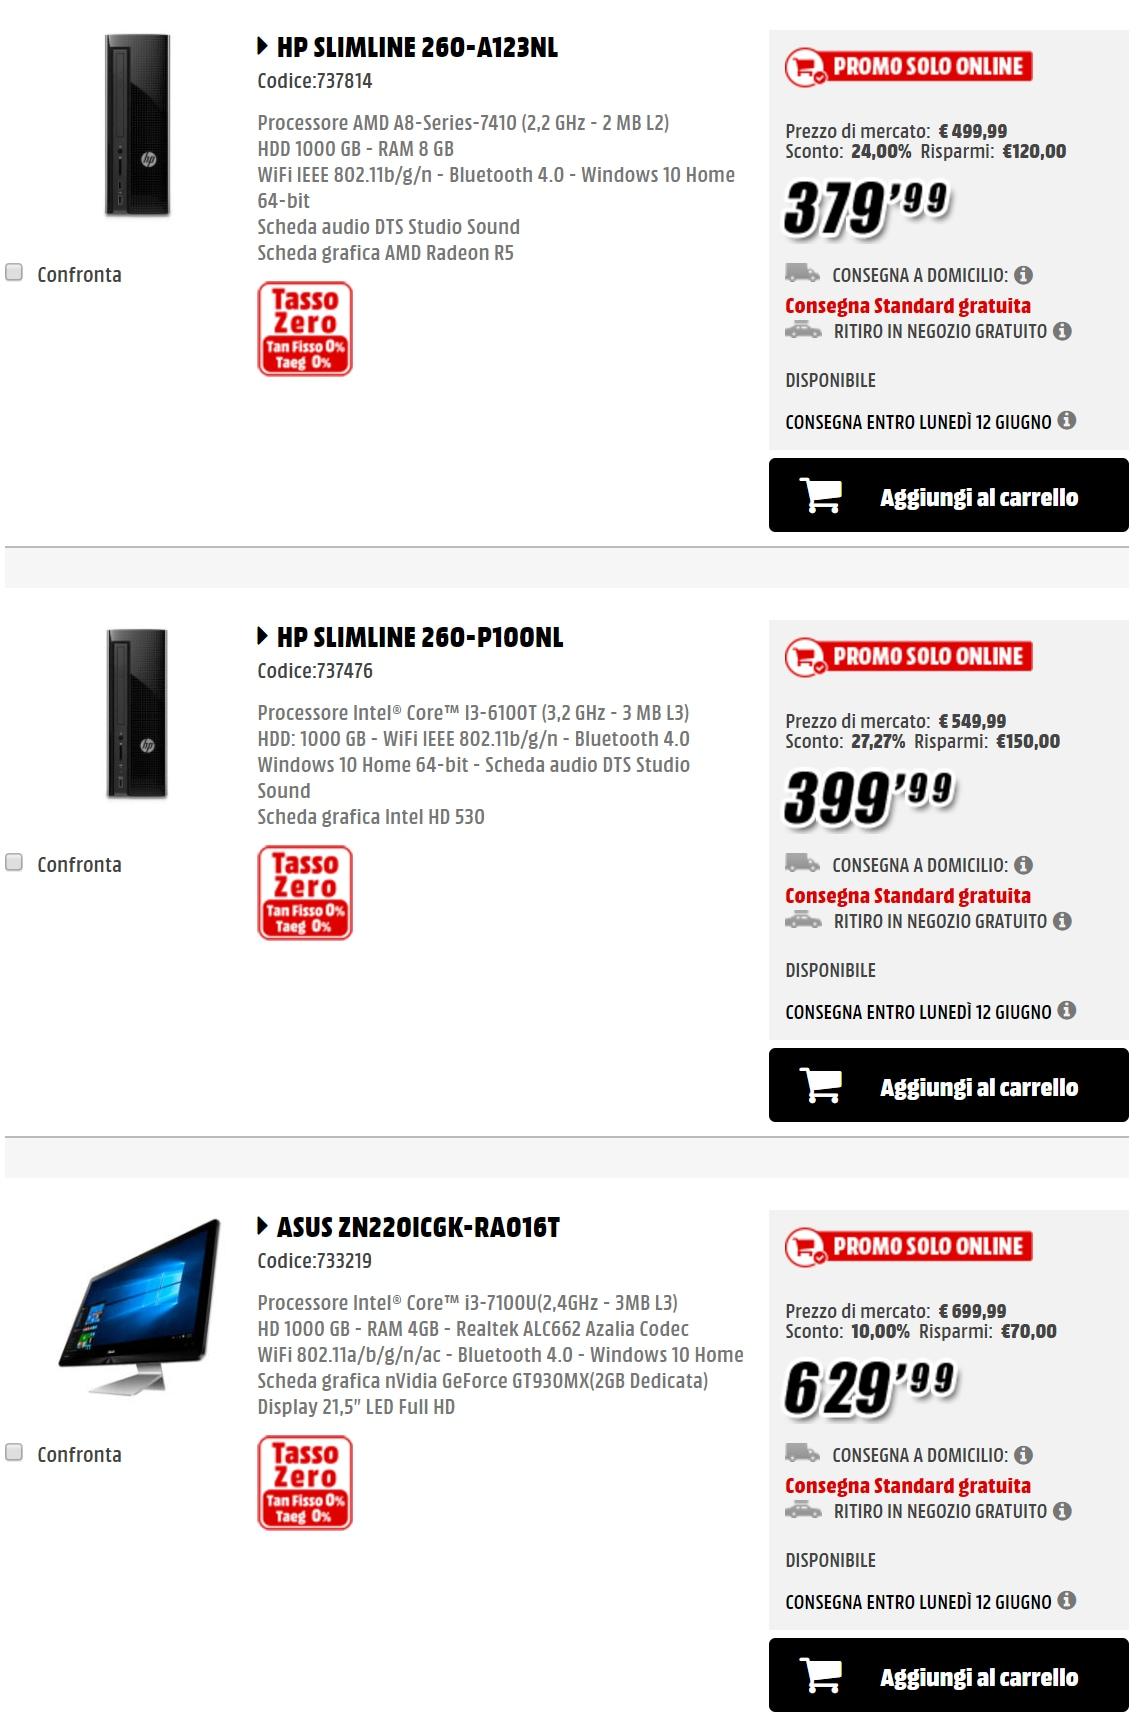 Gigasconti MW speciale PC giugno 2017_desktop (5)